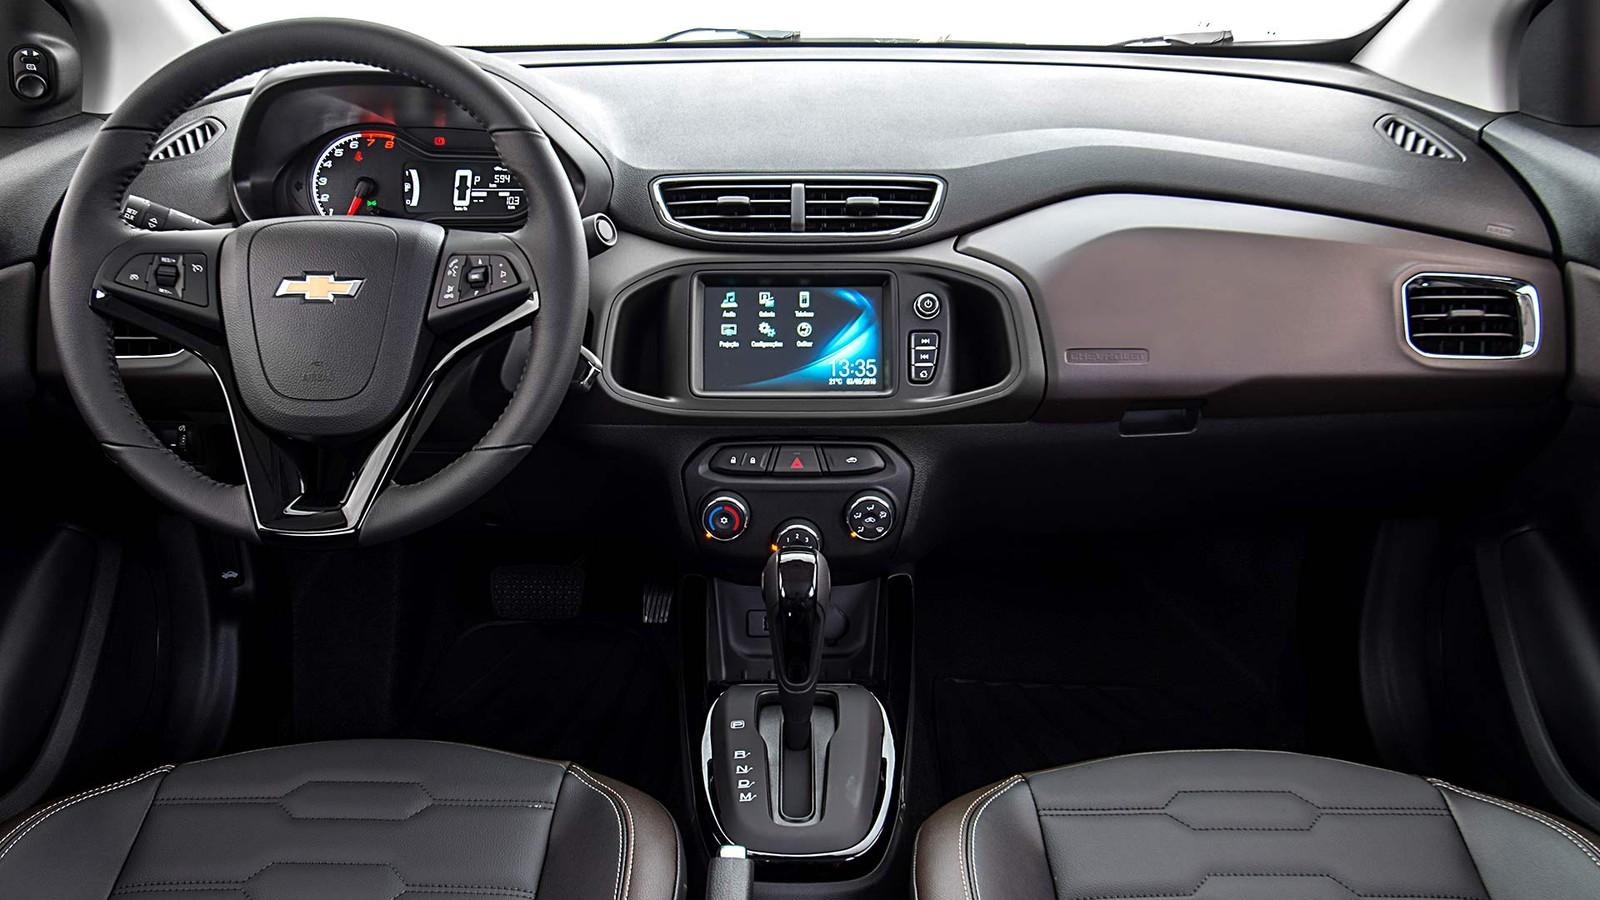 O Chevrolet Onix 2019 ficou de R$ 240 a R$ 1.340 mais caro e ganhou alguns itens de série. O sedã Prisma também foi atualizado.